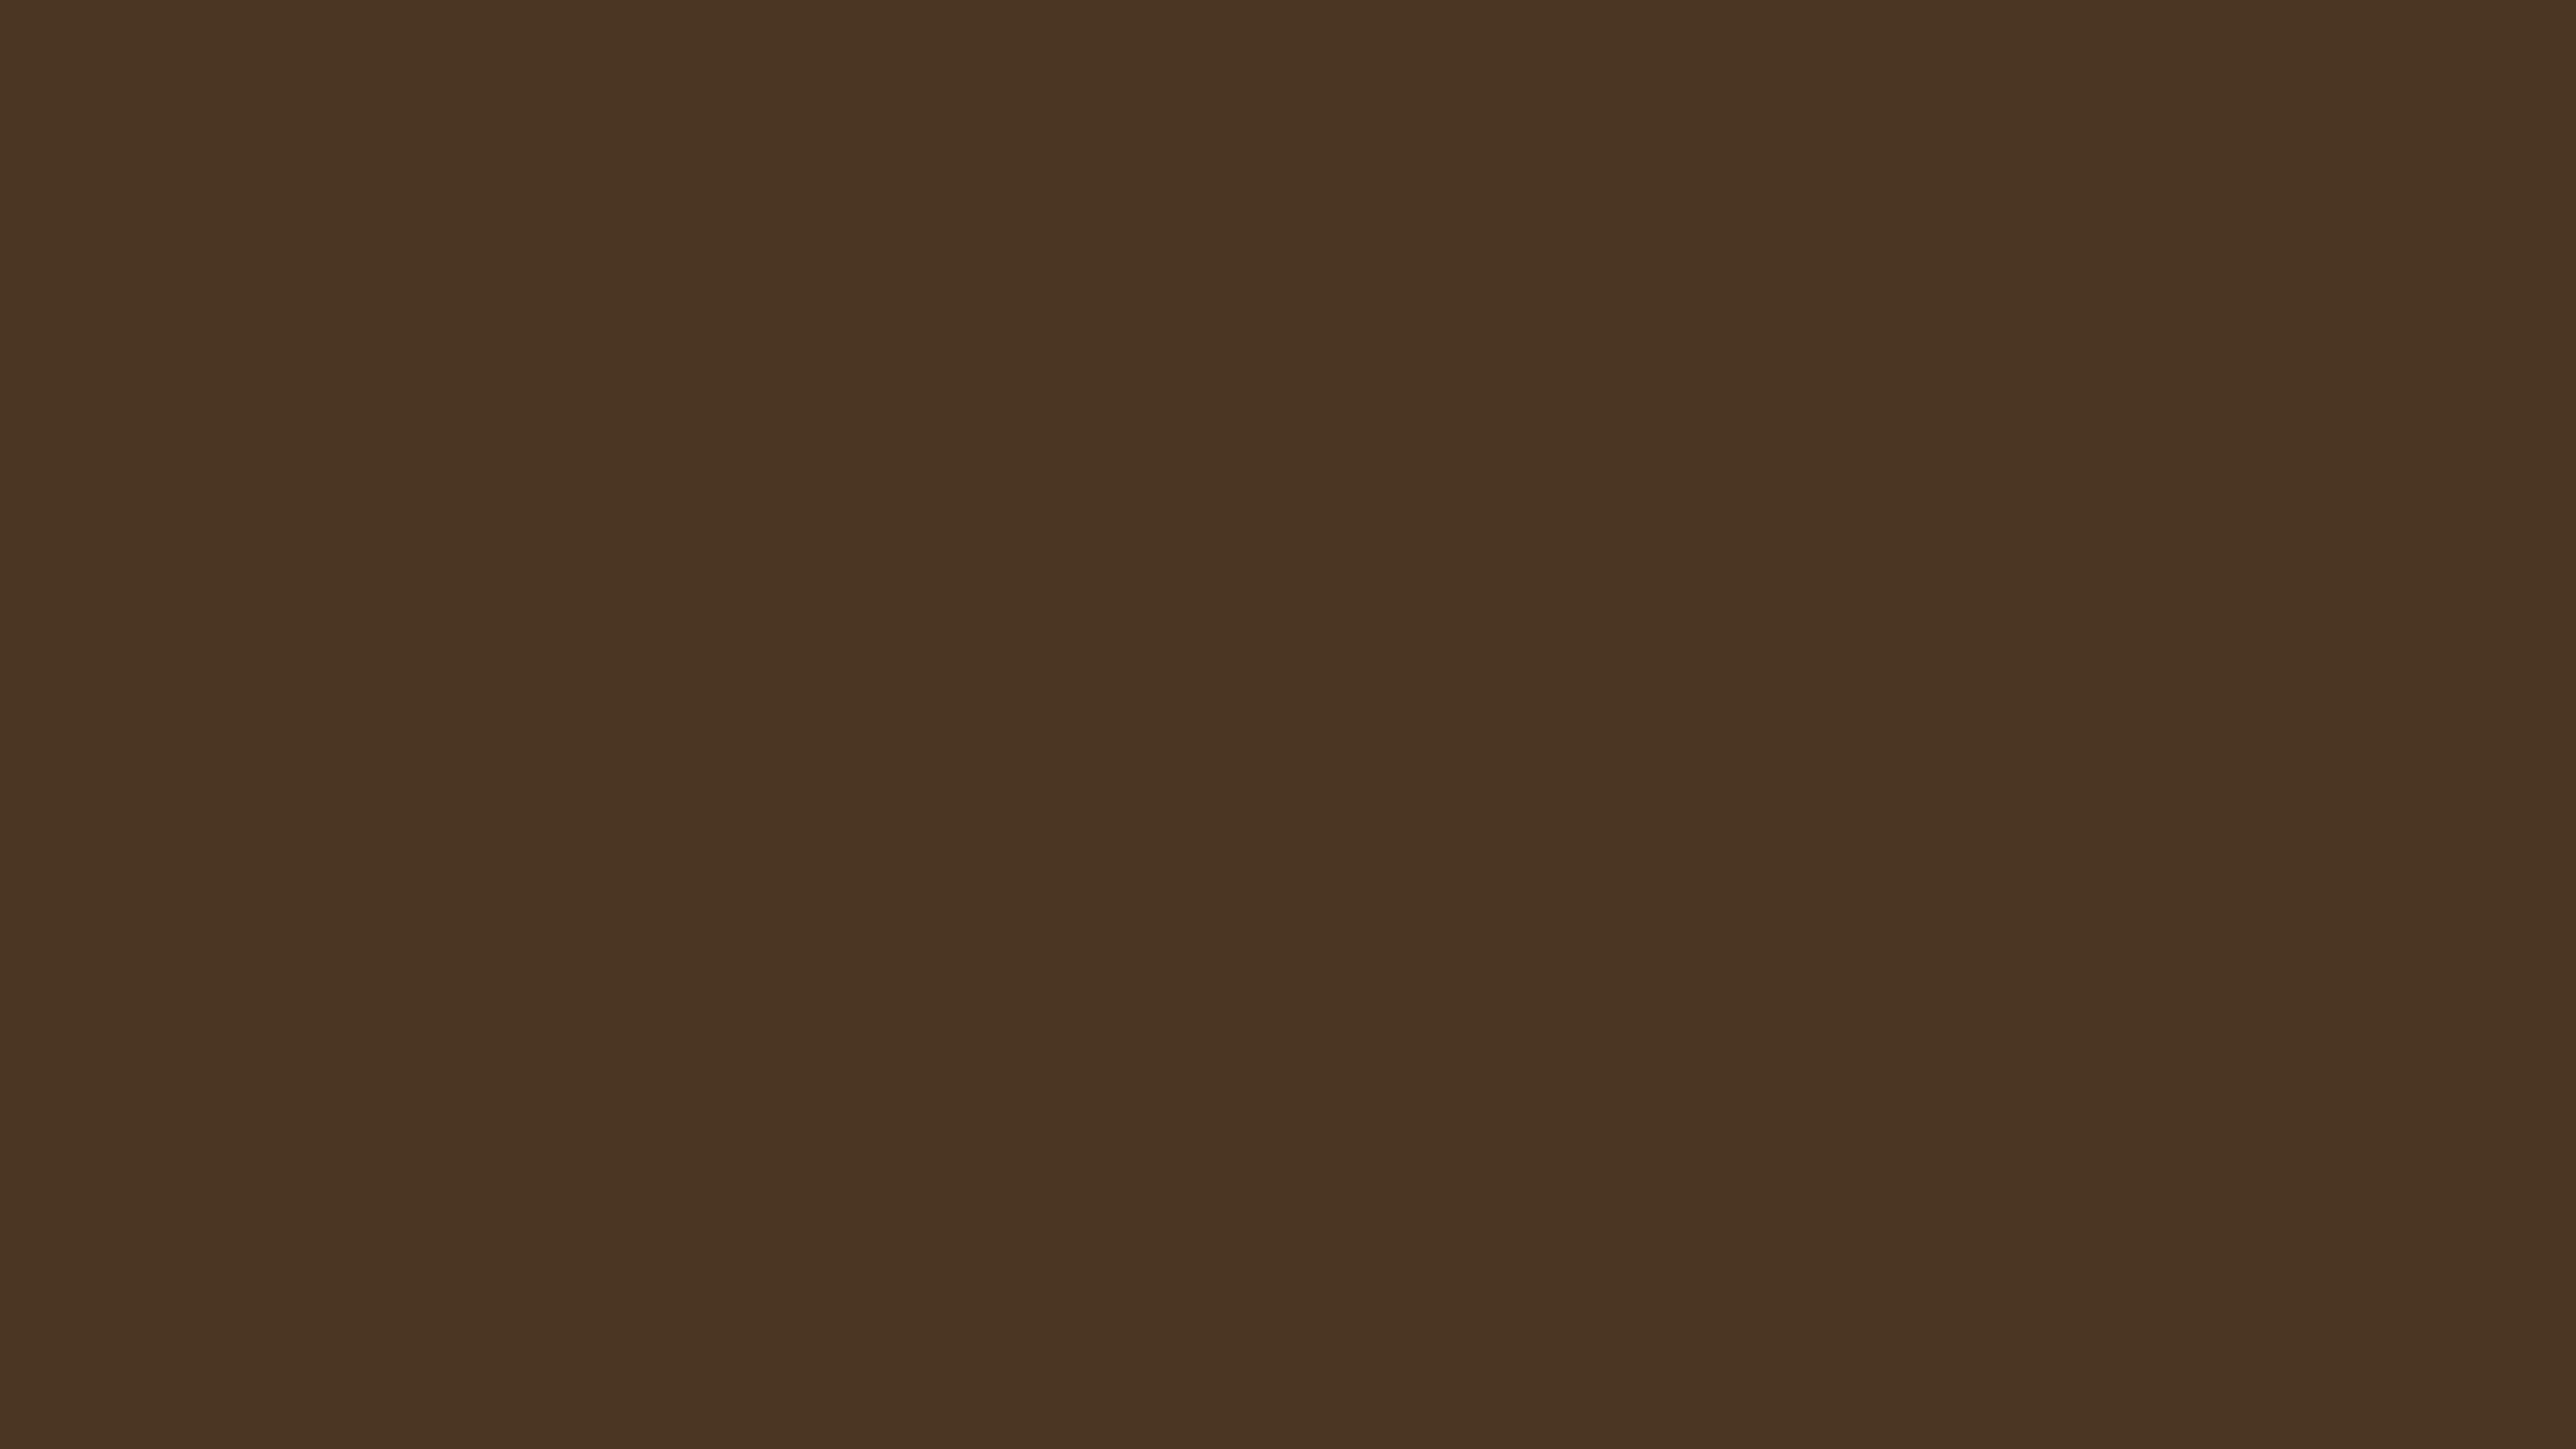 7680x4320 Cafe Noir Solid Color Background